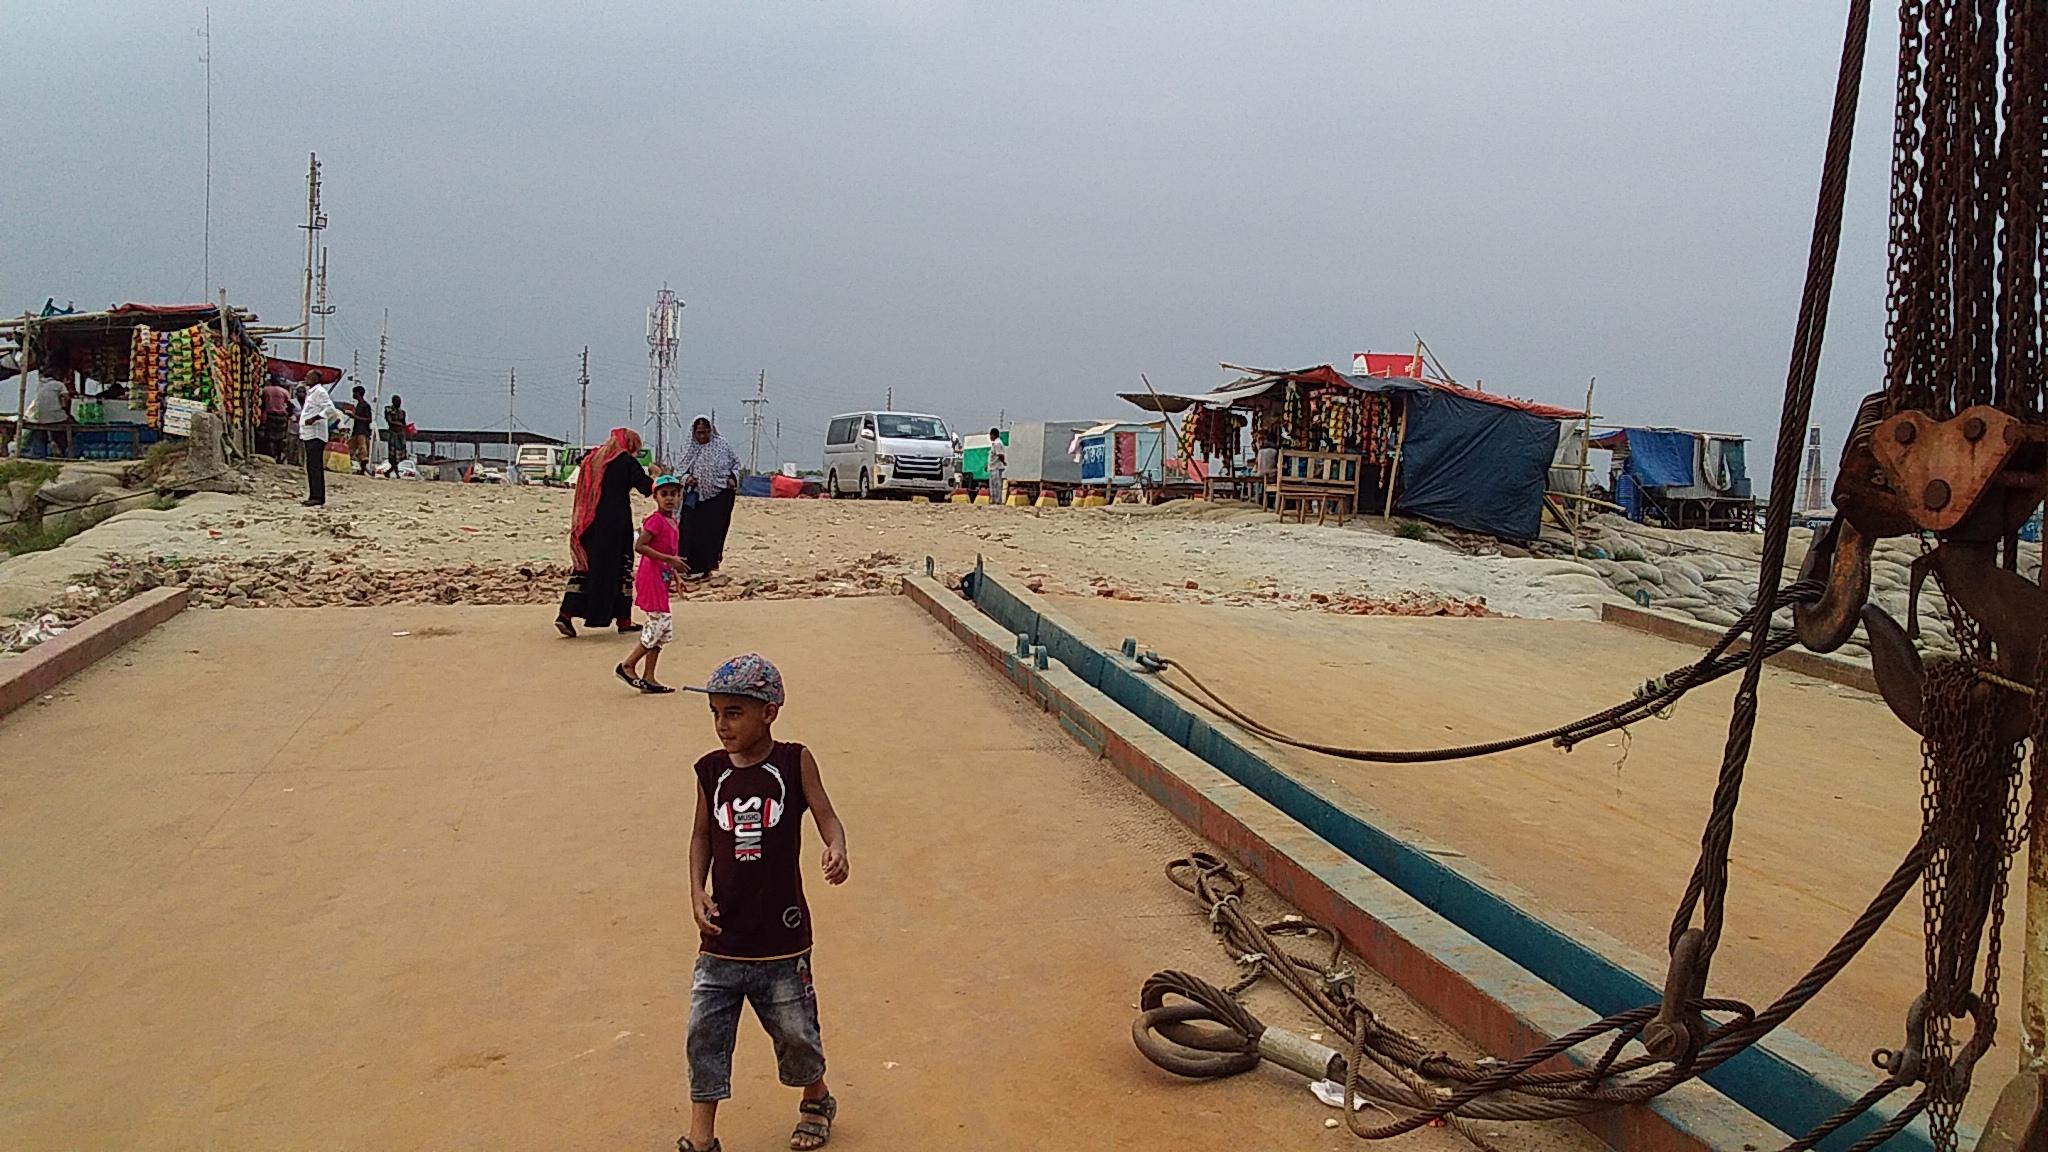 শিমুলিয়া-কাঁঠালবাড়ি নৌপথ: বৈরী আবহাওয়ায় যাত্রী দুর্ভোগ চরমে